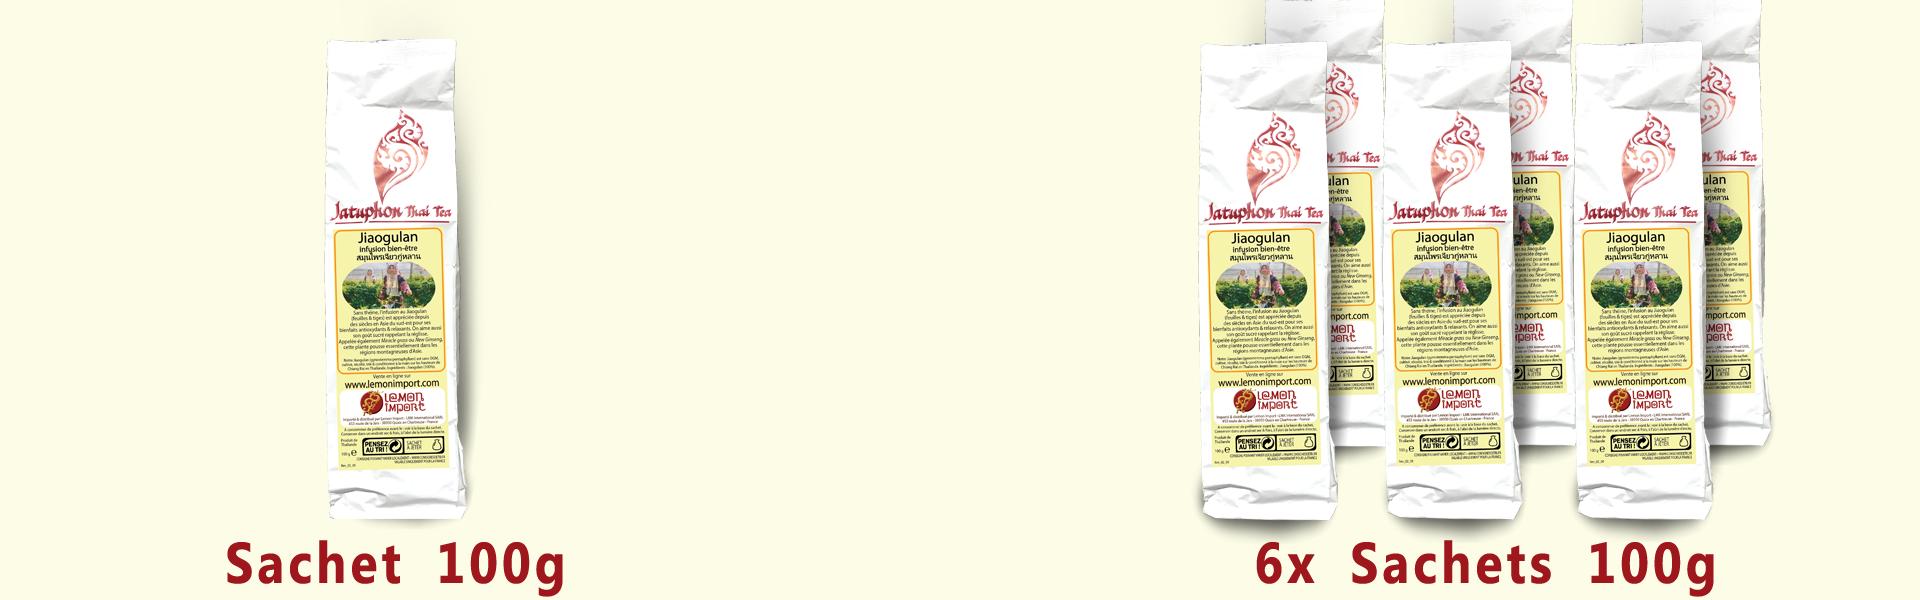 Pour choisir le conditionnement souhaité parmi les formats disponibles, utilisez le sélecteur en haut de page.